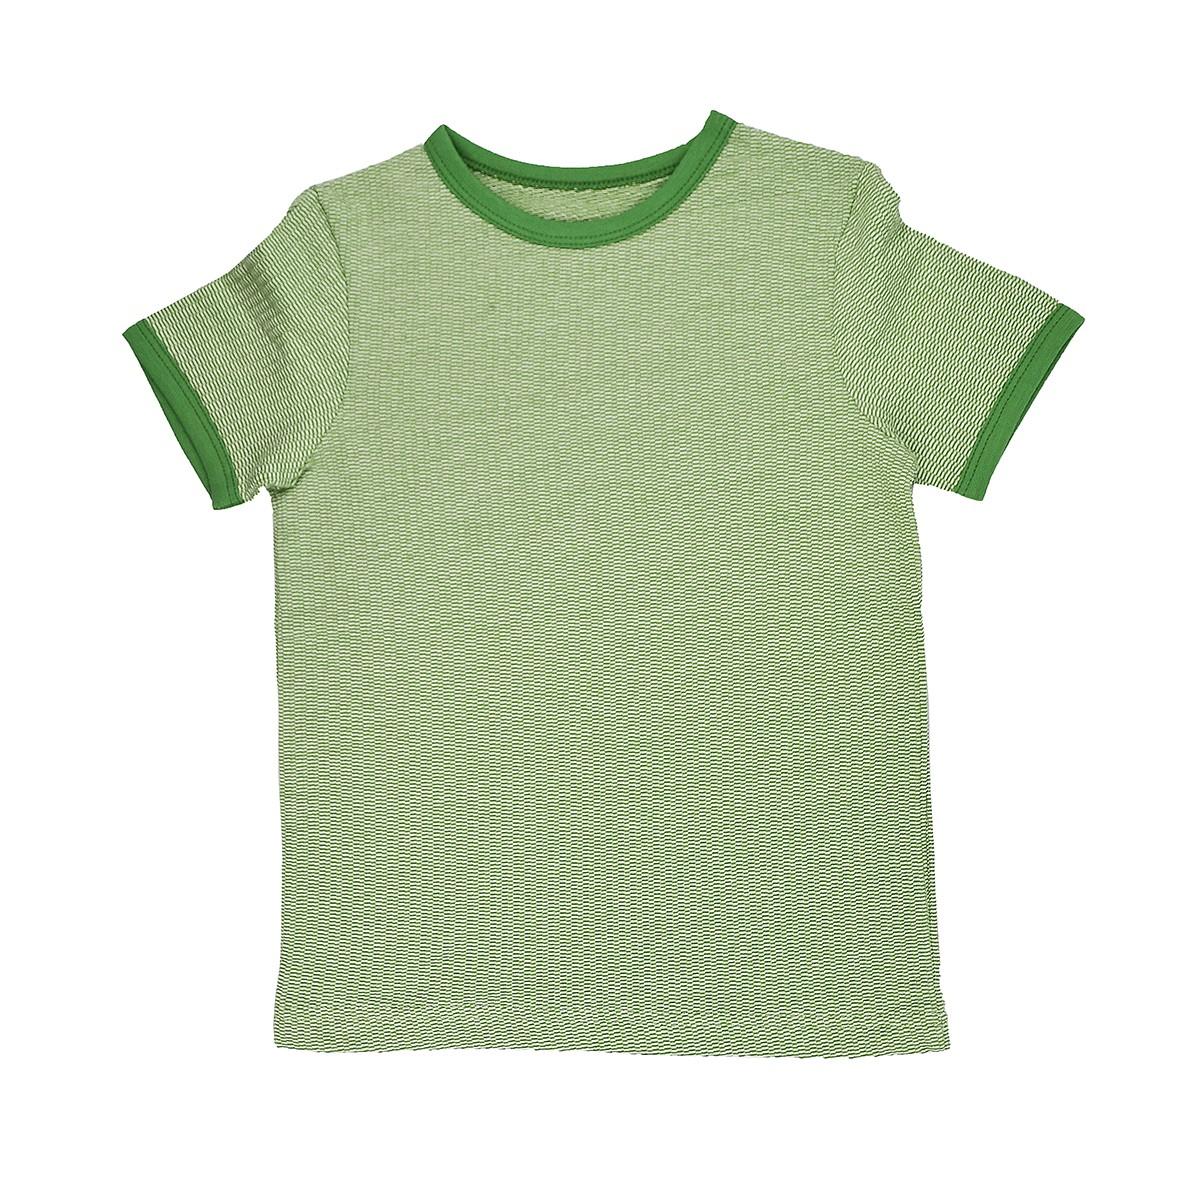 T-shirt artisjok